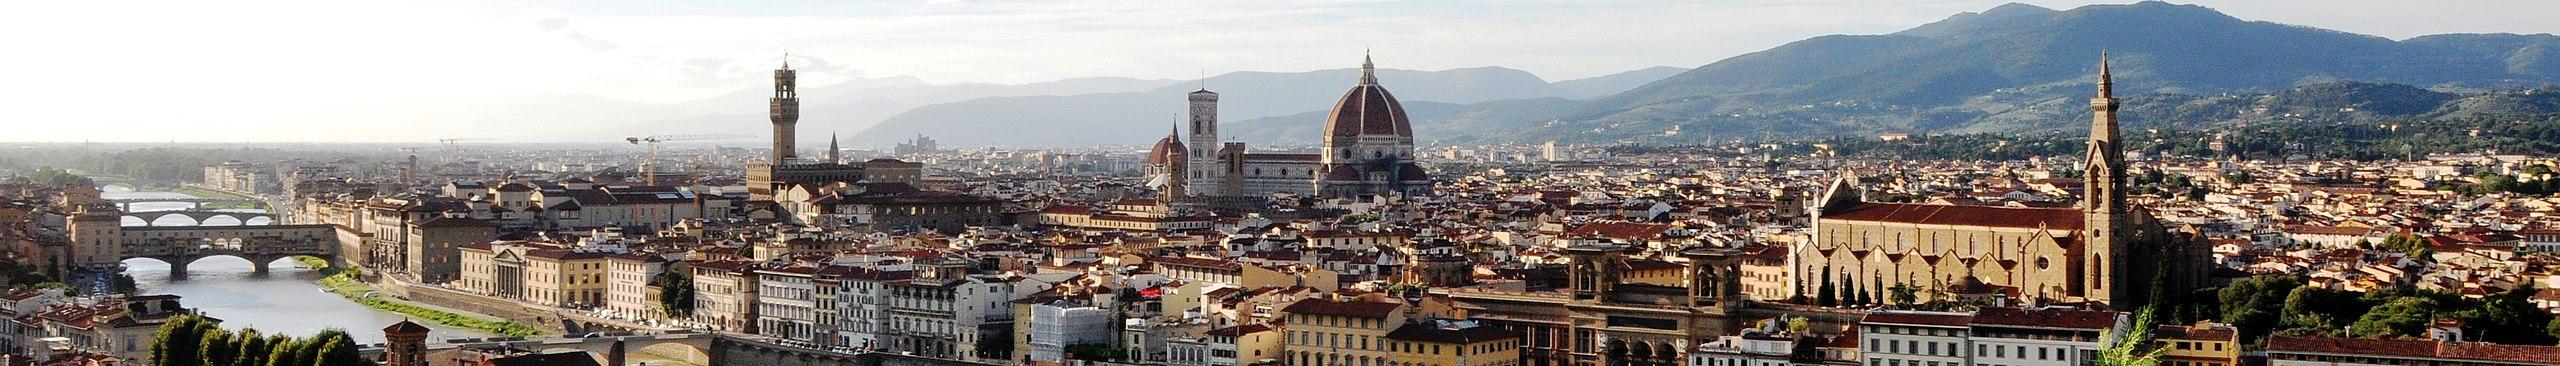 Acheter Une Maison En Italie Abruzzes italie — wikivoyage, le guide de voyage et de tourisme